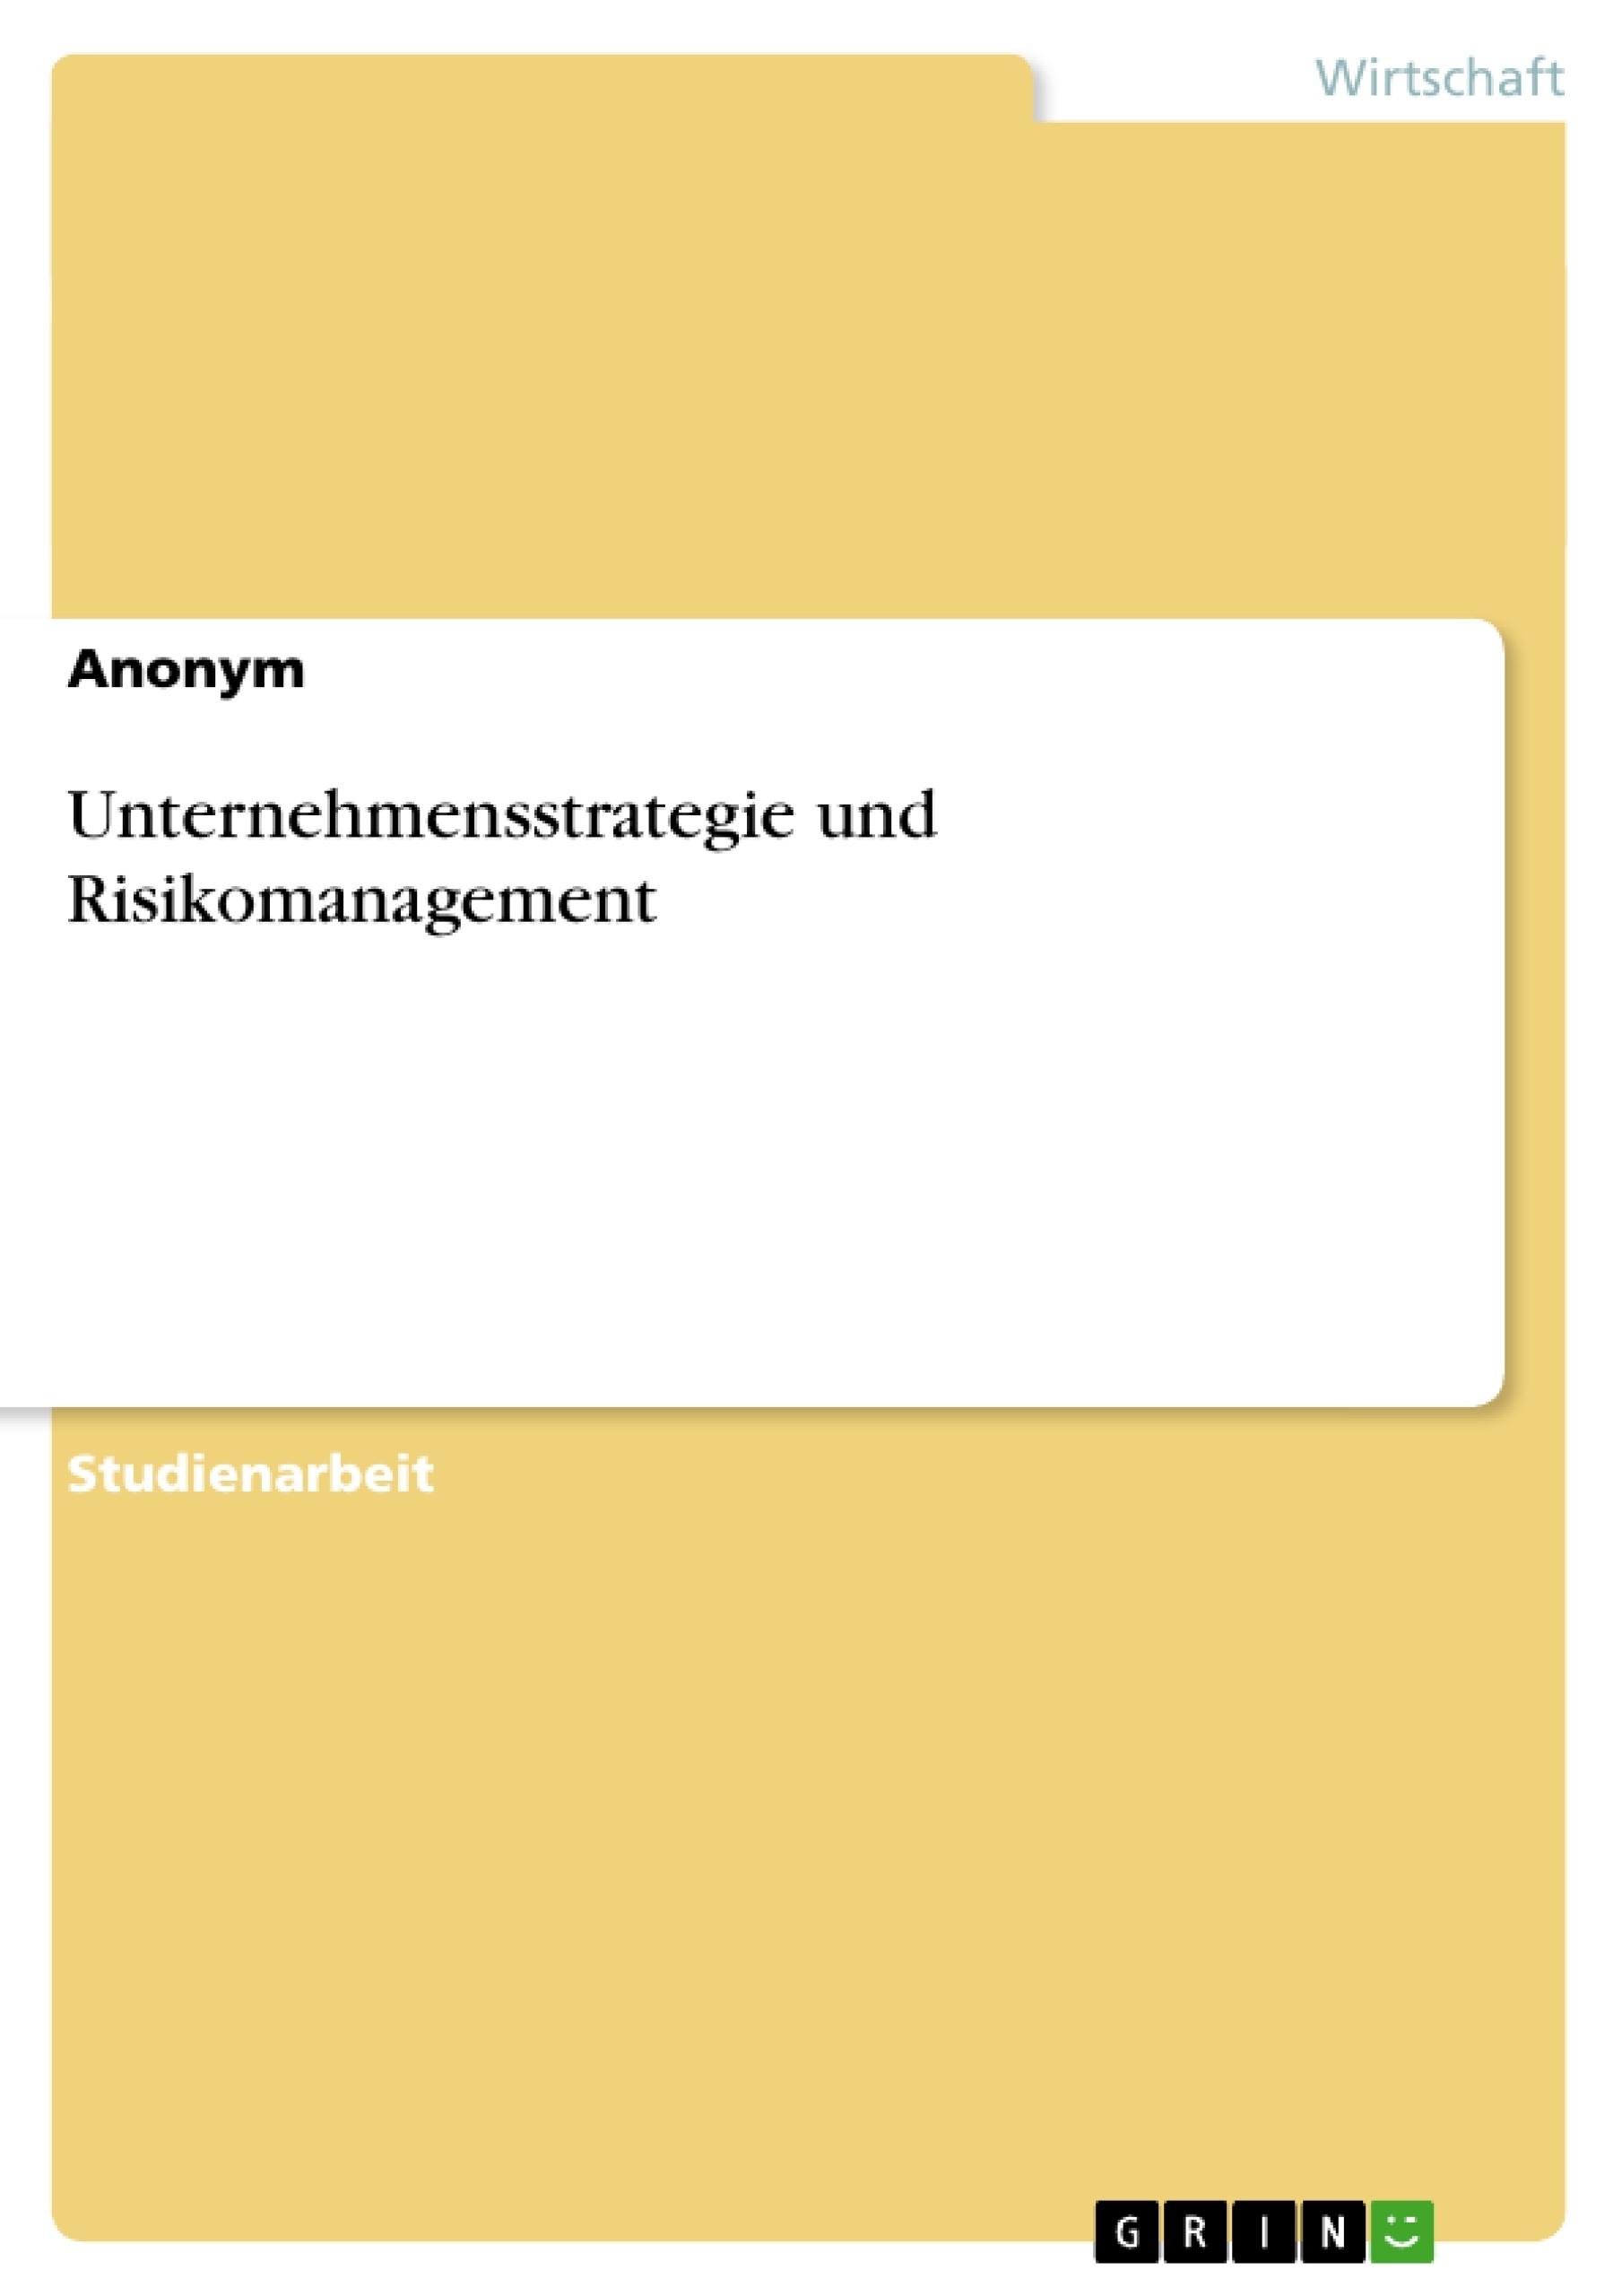 Titel: Unternehmensstrategie und Risikomanagement